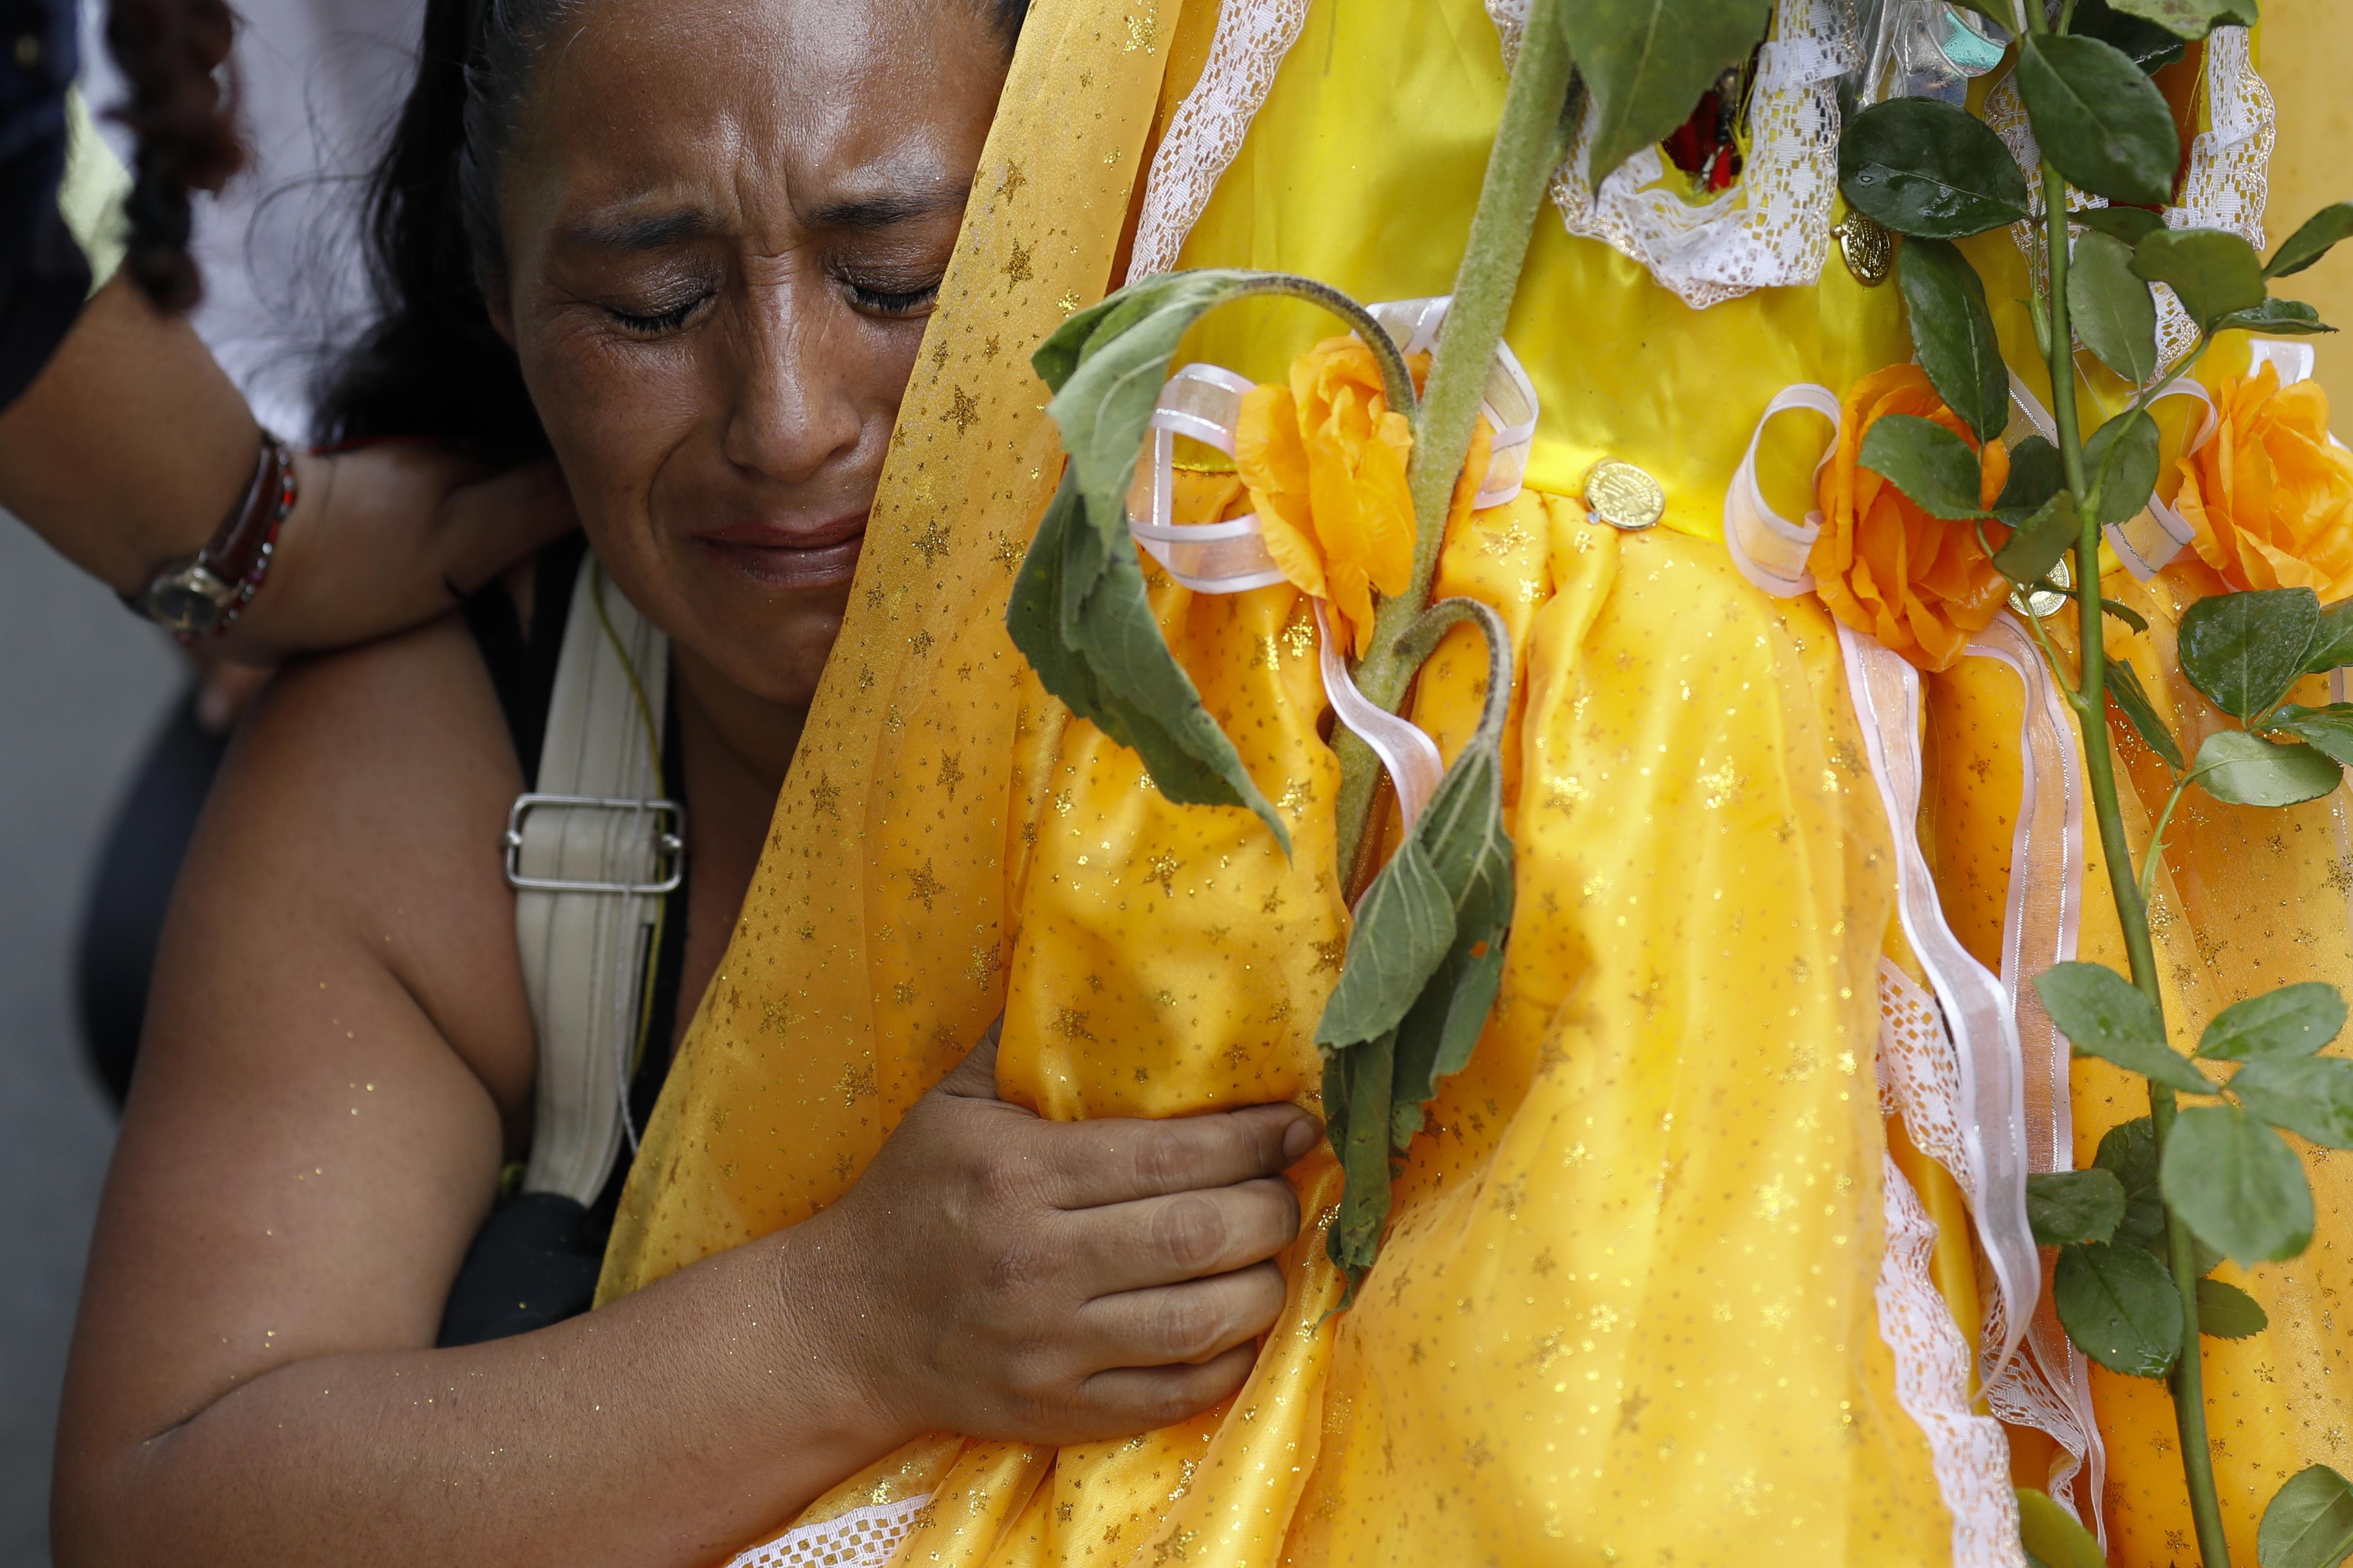 Victoria Moreno, de 43 años, llora mientras lucha por llegar de rodillas al altar de la Santa Muerte. (Foto: AP / Rebecca Blackwell)